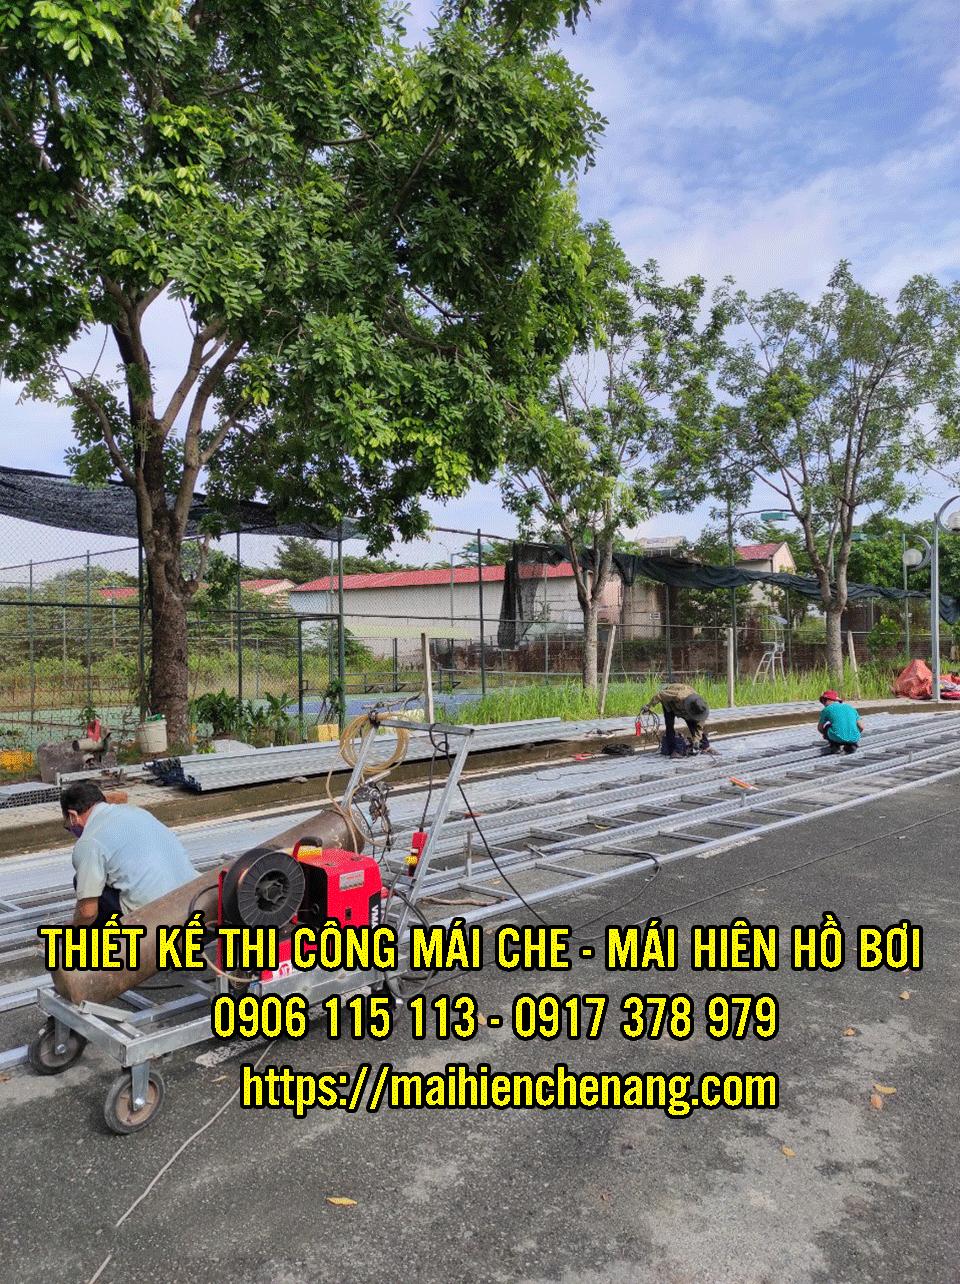 Thợ Lắp Đặt Mái Che Quận 7, Mái Hiên Che Nắng Mưa Hồ Bơi, Quán Cafe, Quán Nhậu Nhà Bè Quận 7 TPHCM